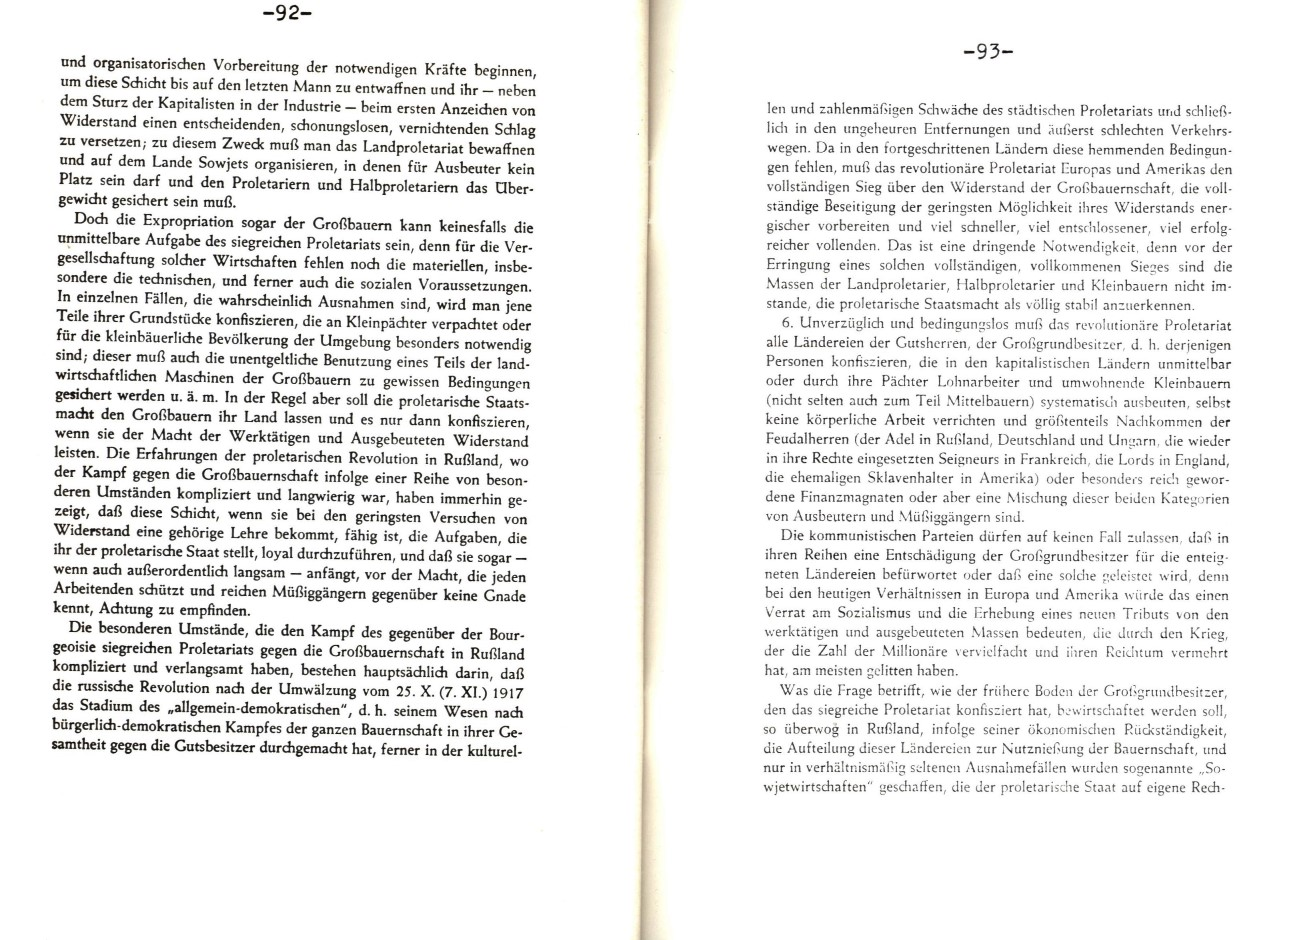 MLSK_Theorie_und_Praxis_des_ML_1978_23_50